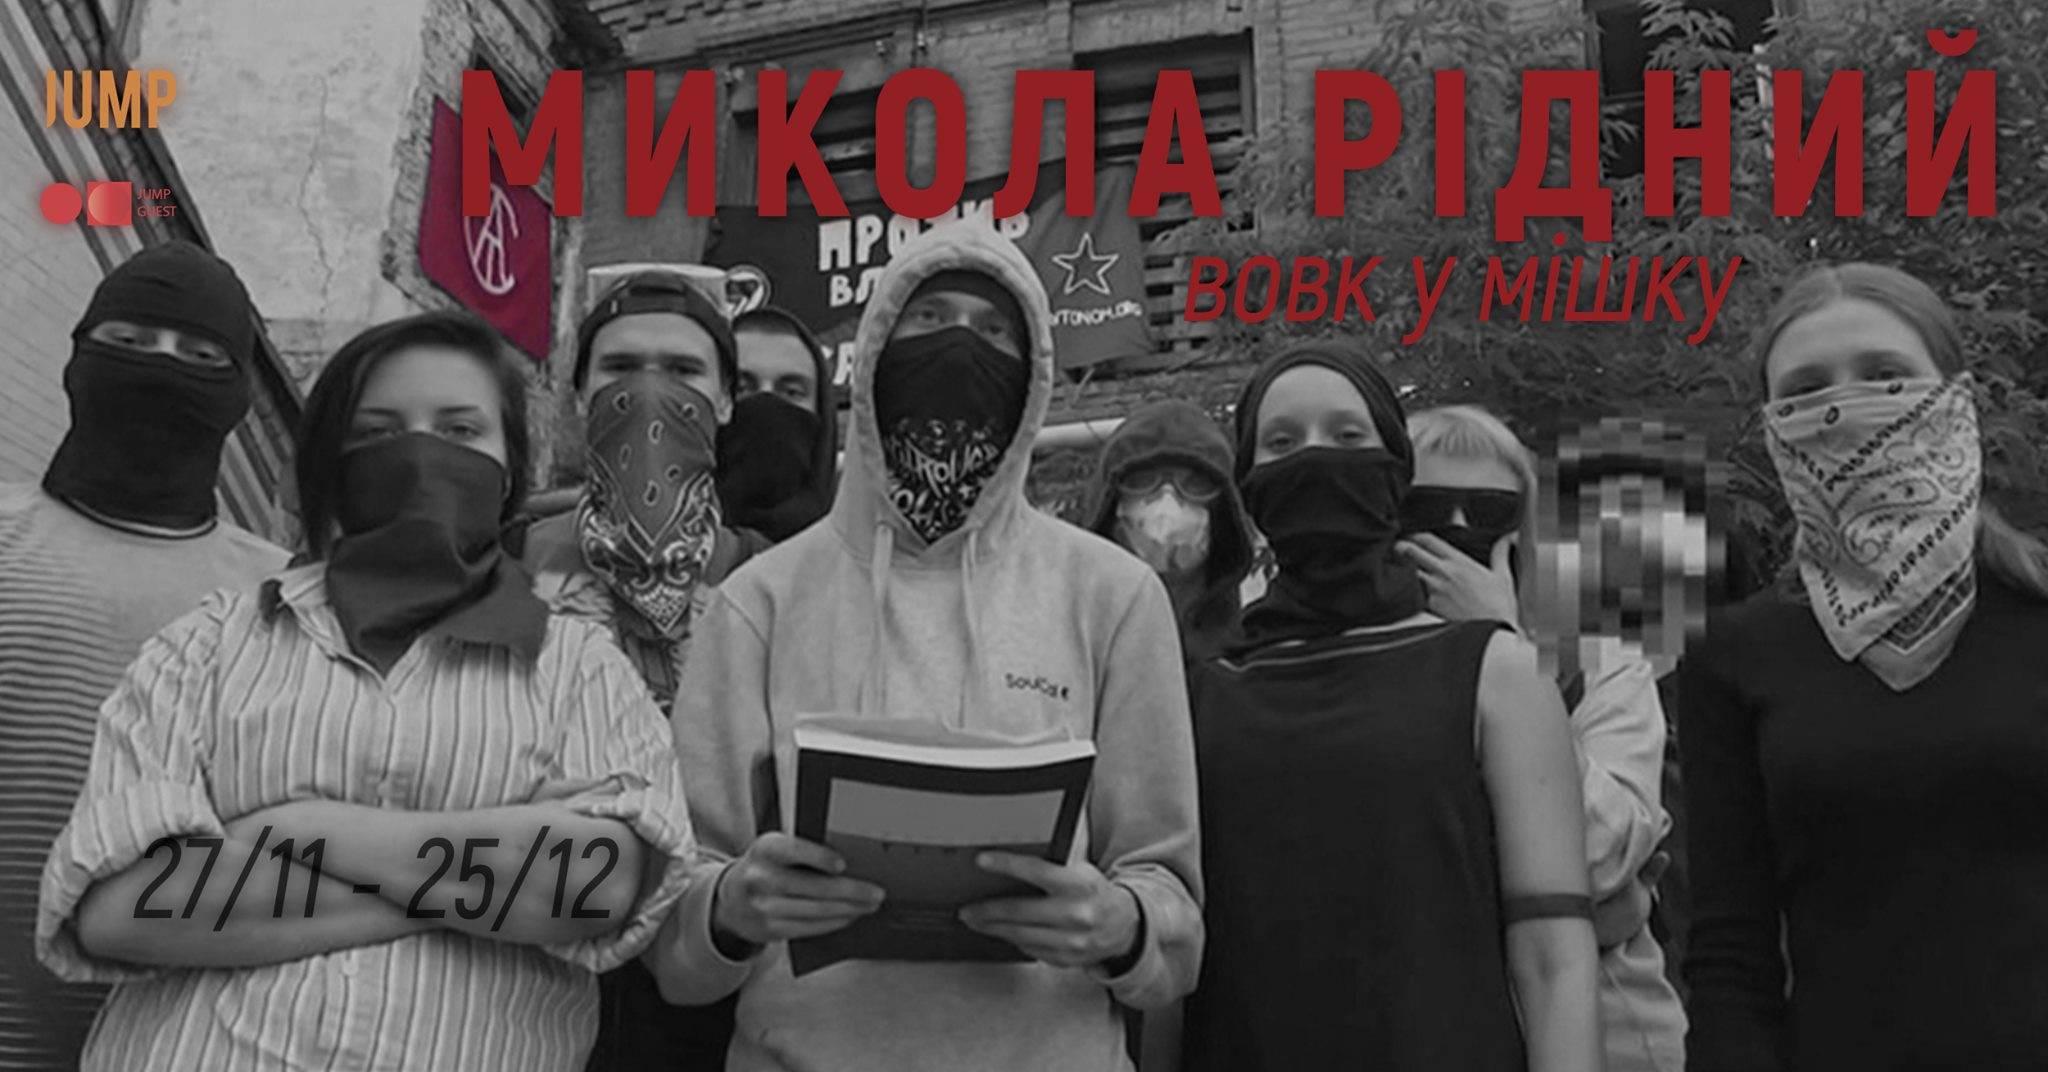 Микола Рідний в ЦСМ Jump (Полтава)